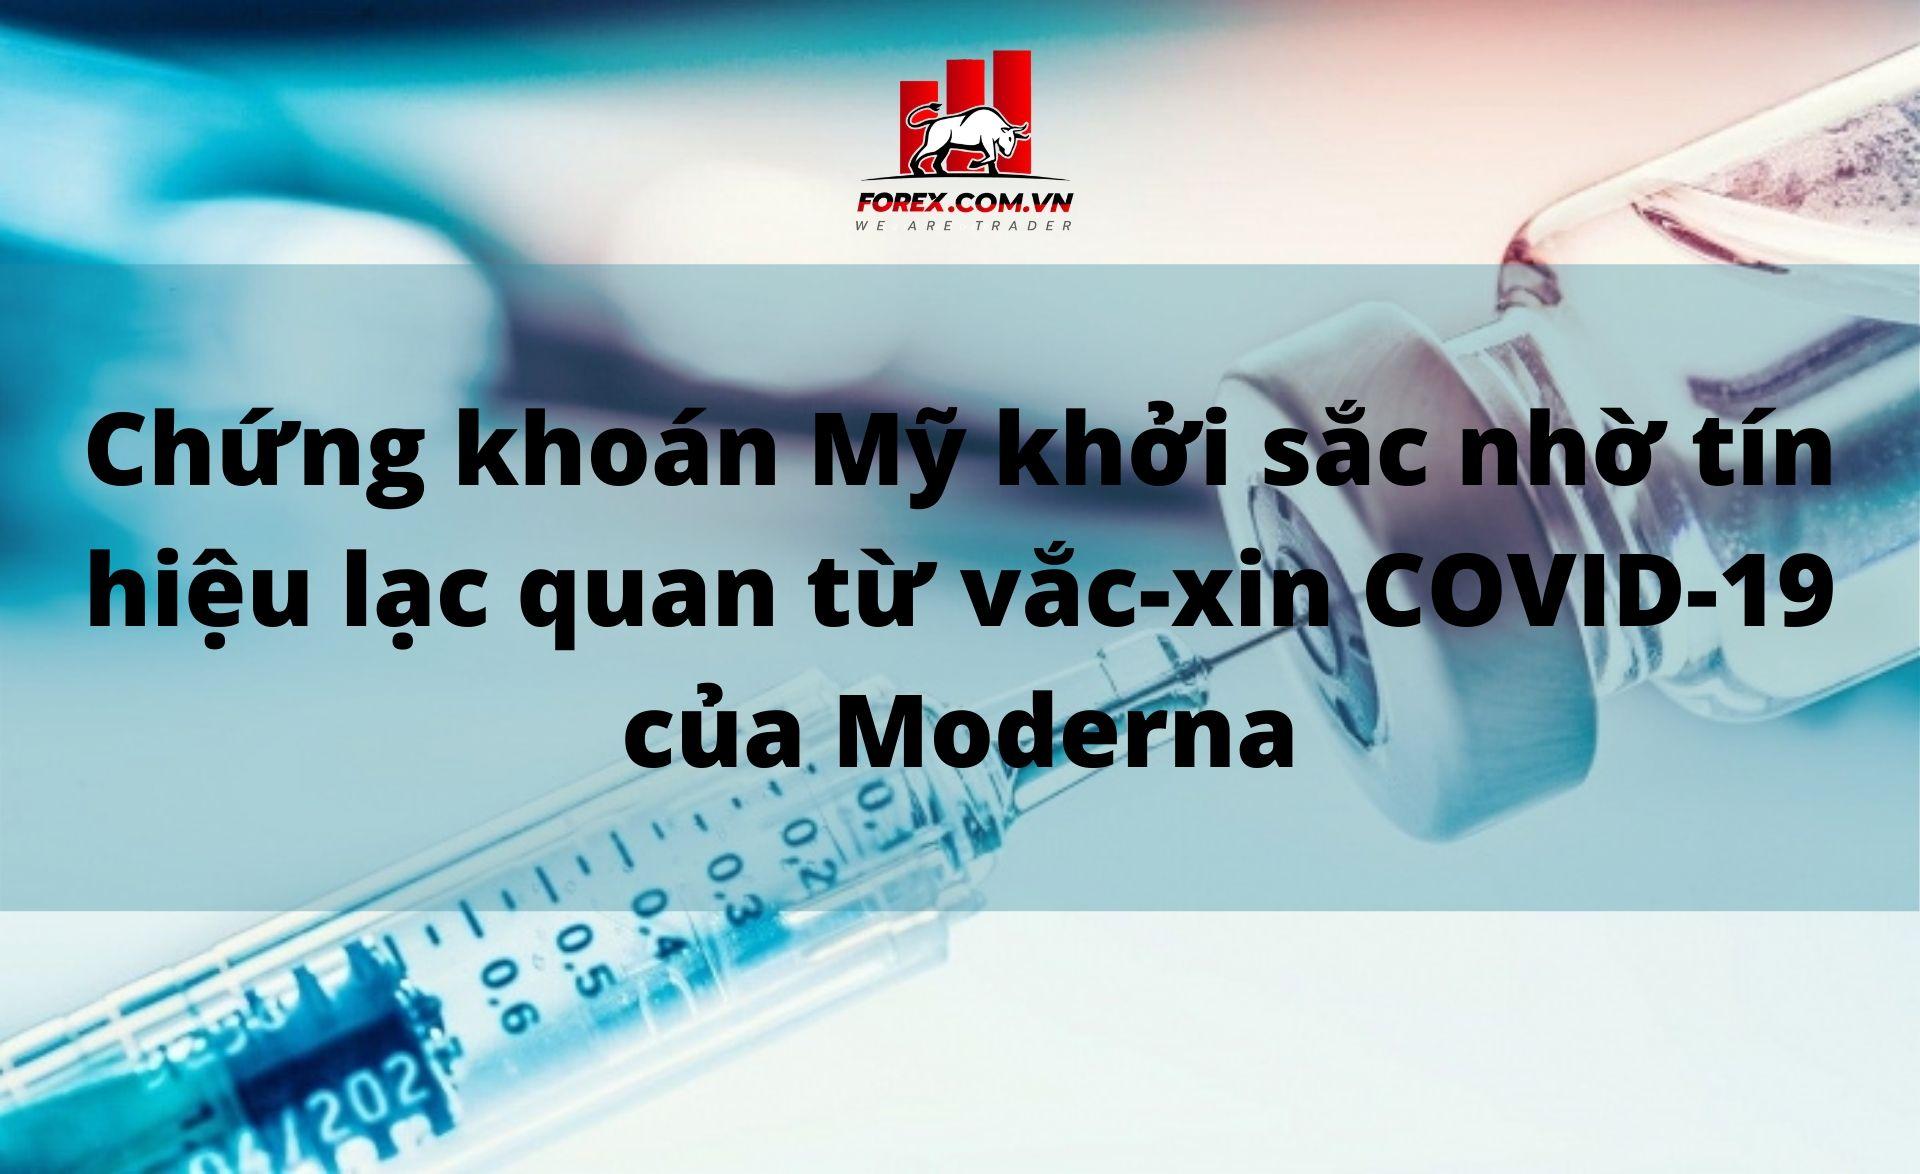 Chứng khoán Mỹ khởi sắc nhờ tín hiệu lạc quan từ vắc-xin COVID-19 của Moderna